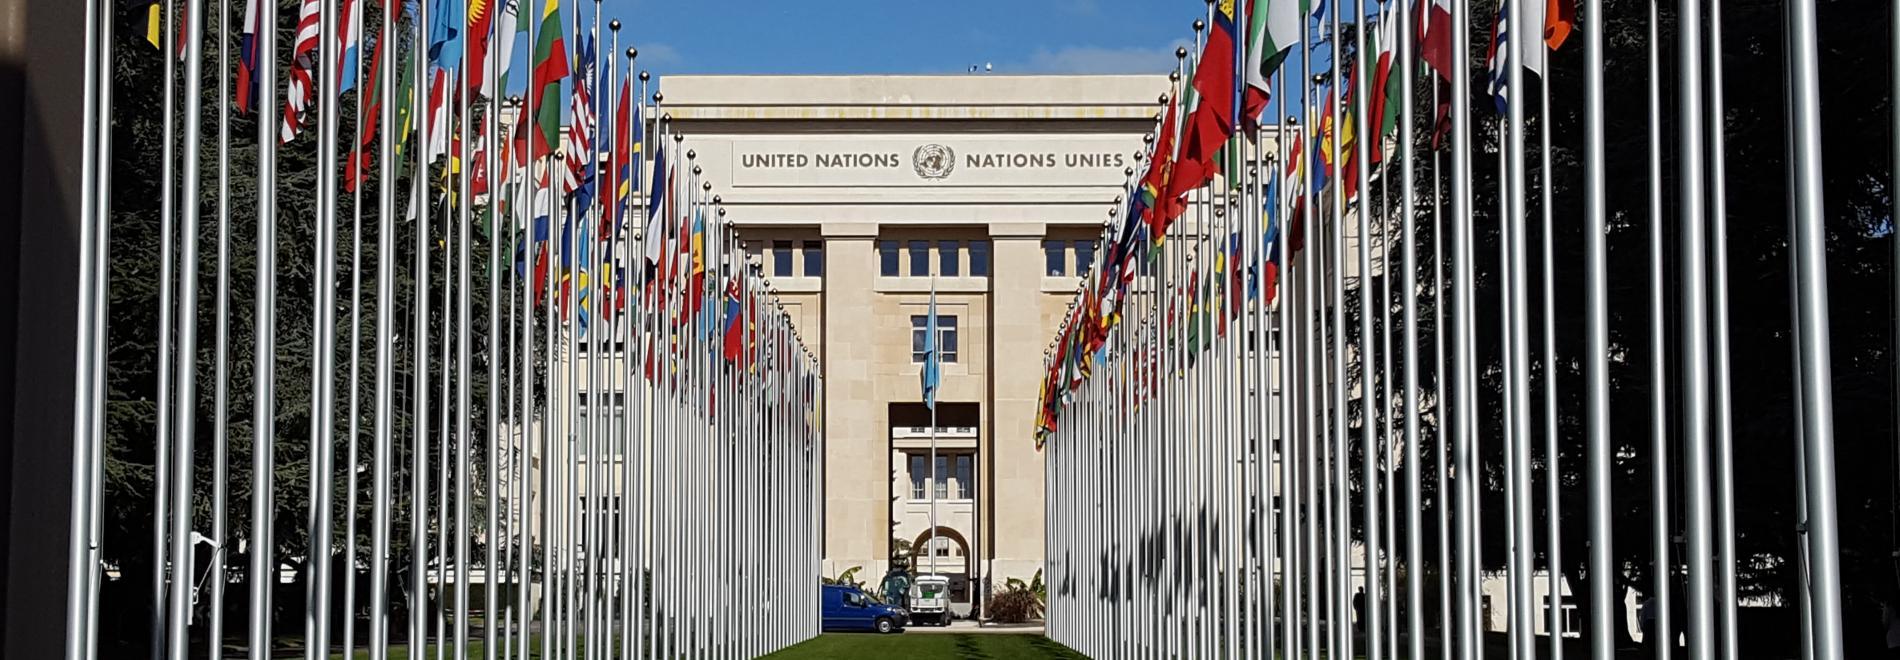 Gebäude der Vereinten Nationen in Genf